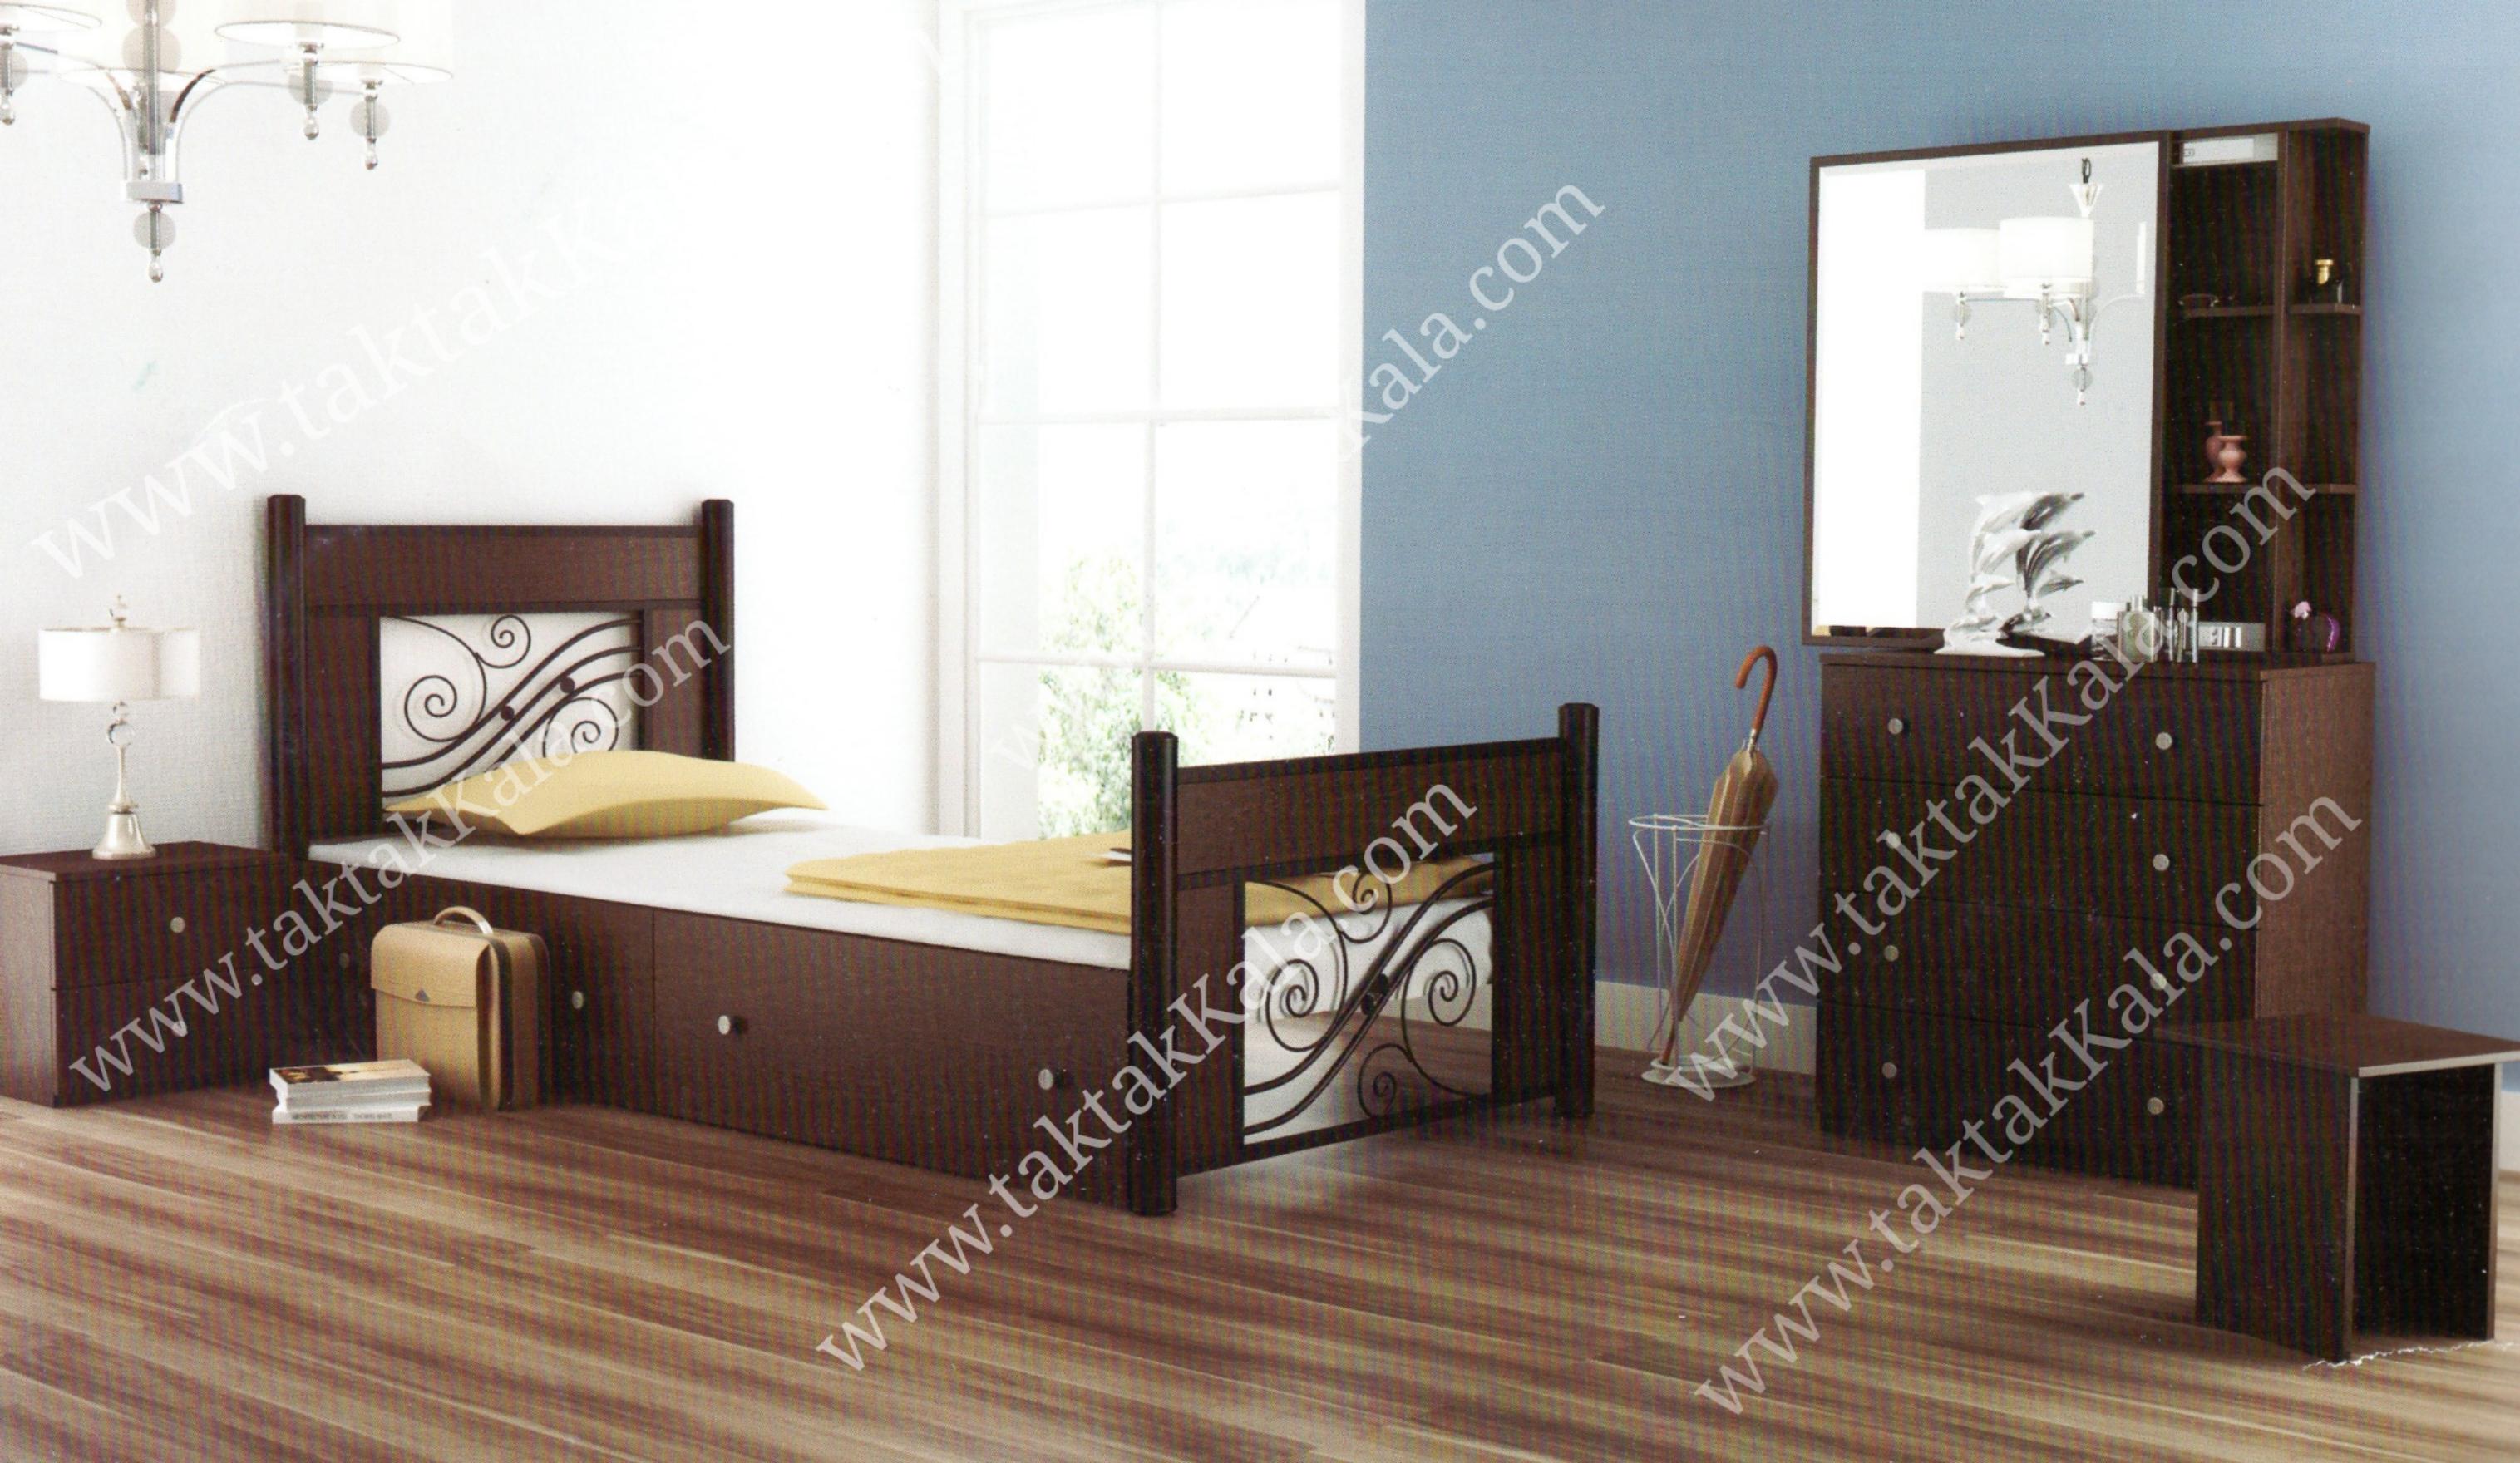 تخت خواب مدل ملودی